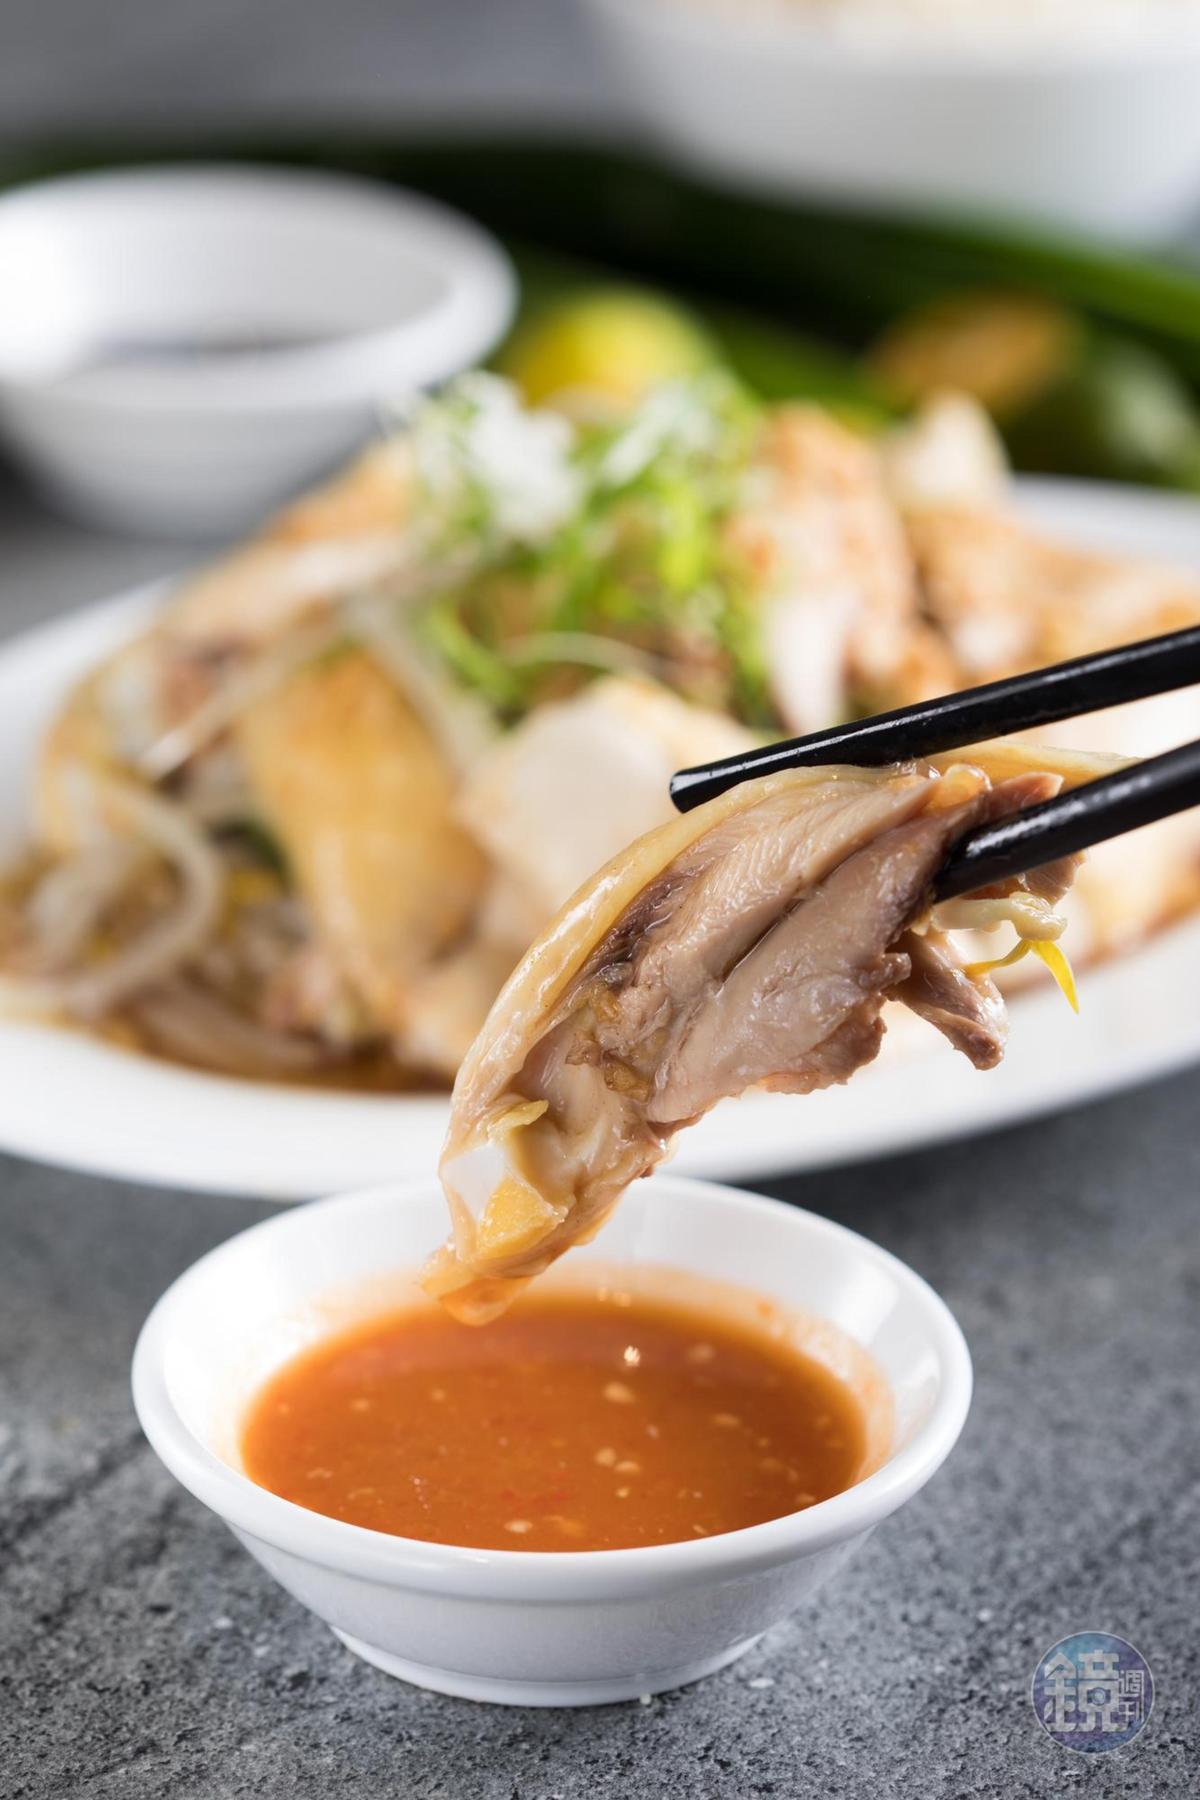 「海南雞」選用黃土雞,皮滑肉嫩,蘸點以金桔調製的酸辣醬,甘甜辣口。(250元/1/4隻)